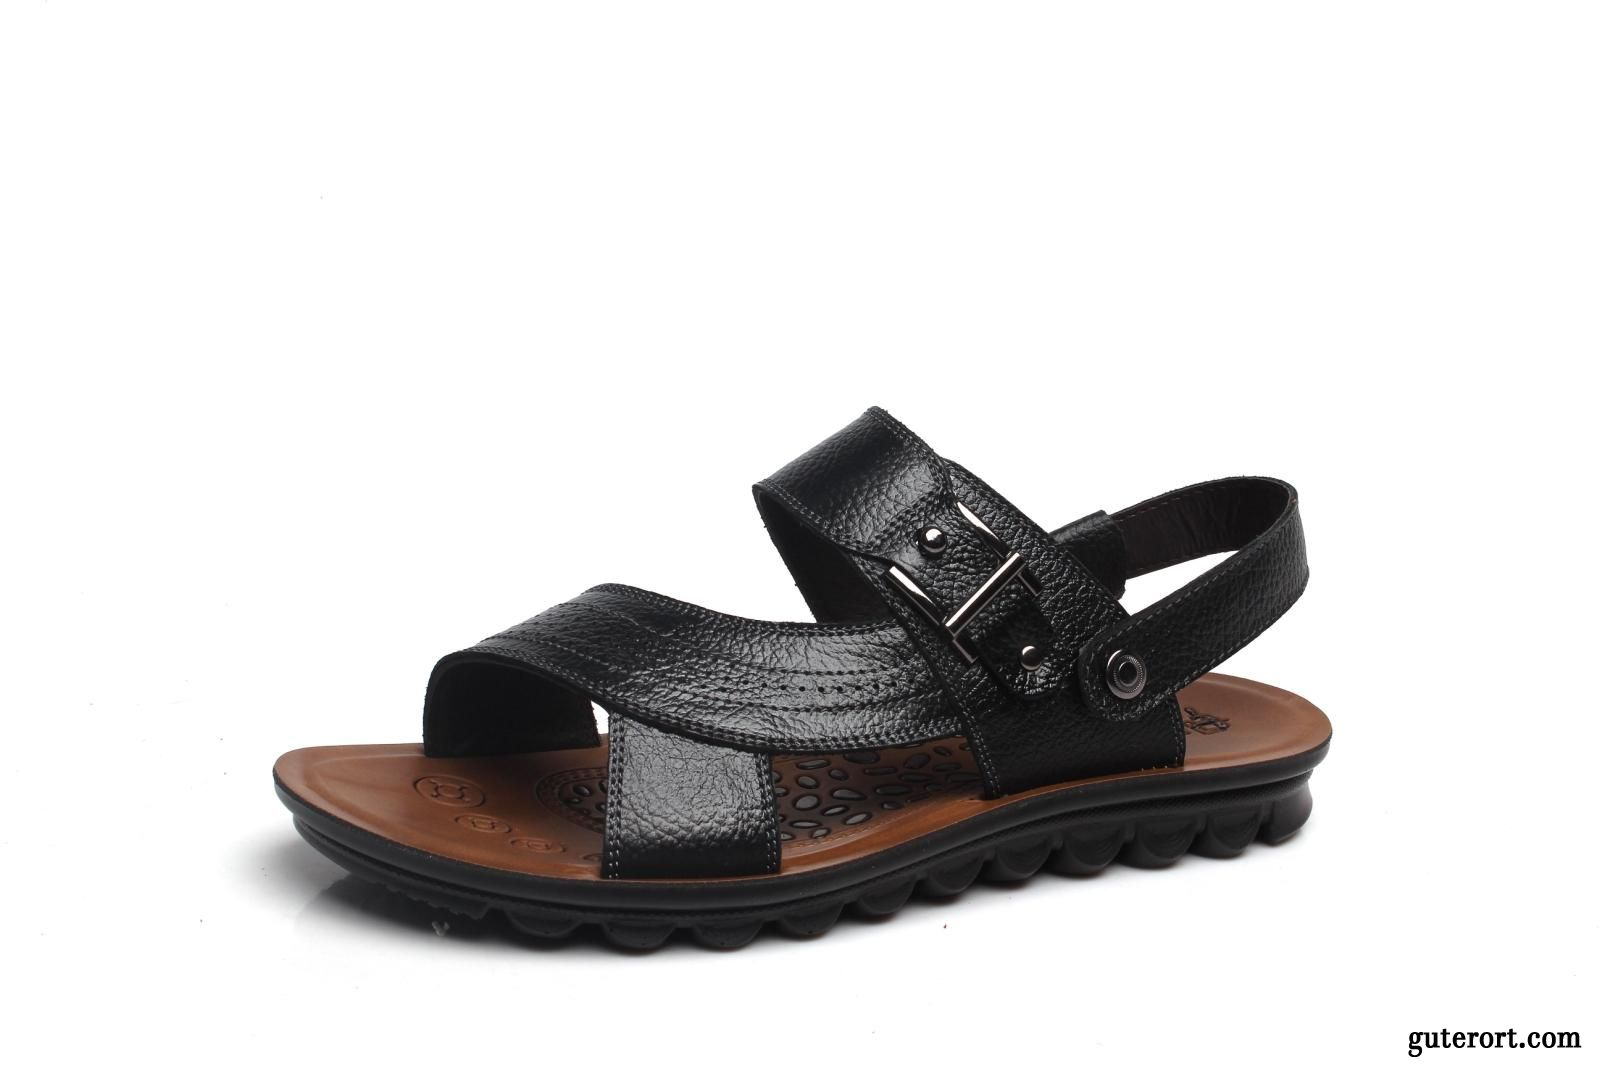 kaufen sie sandalen herren online g nstig bei guter ort seite 5. Black Bedroom Furniture Sets. Home Design Ideas